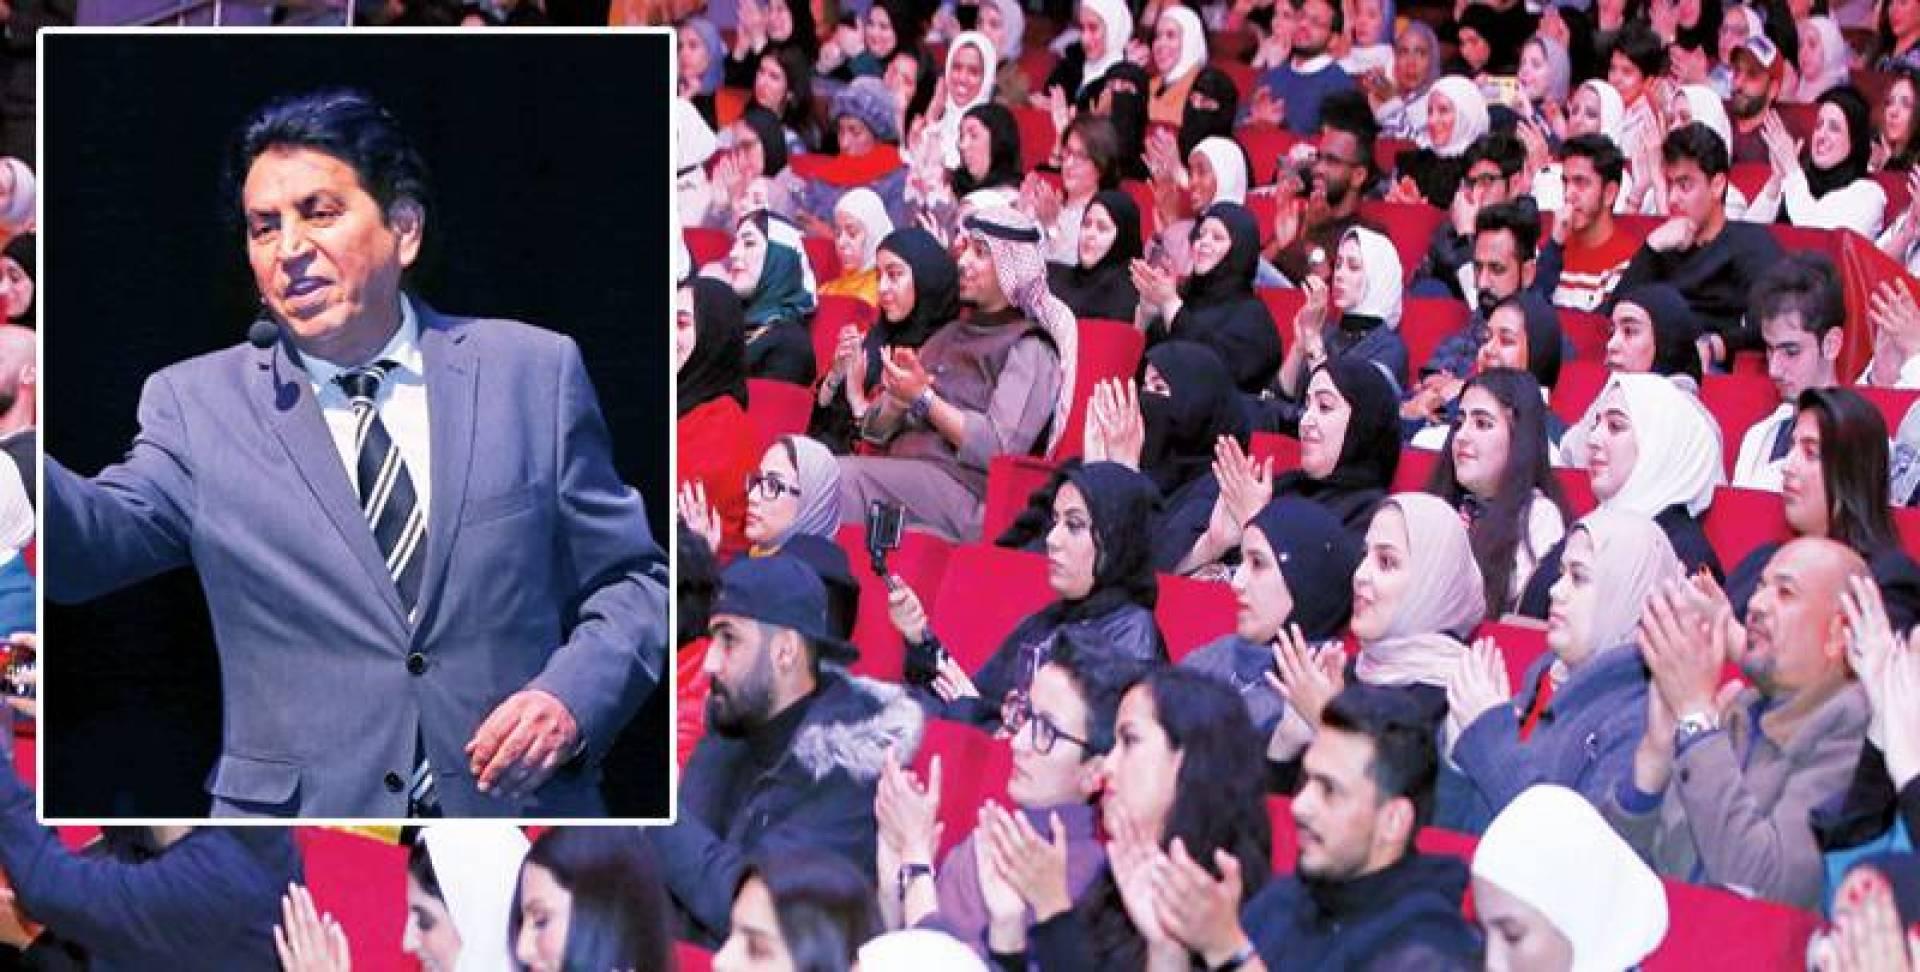 حضور كثيف  للجمهور في الأمسية - كريم العراقي خلال الامسية